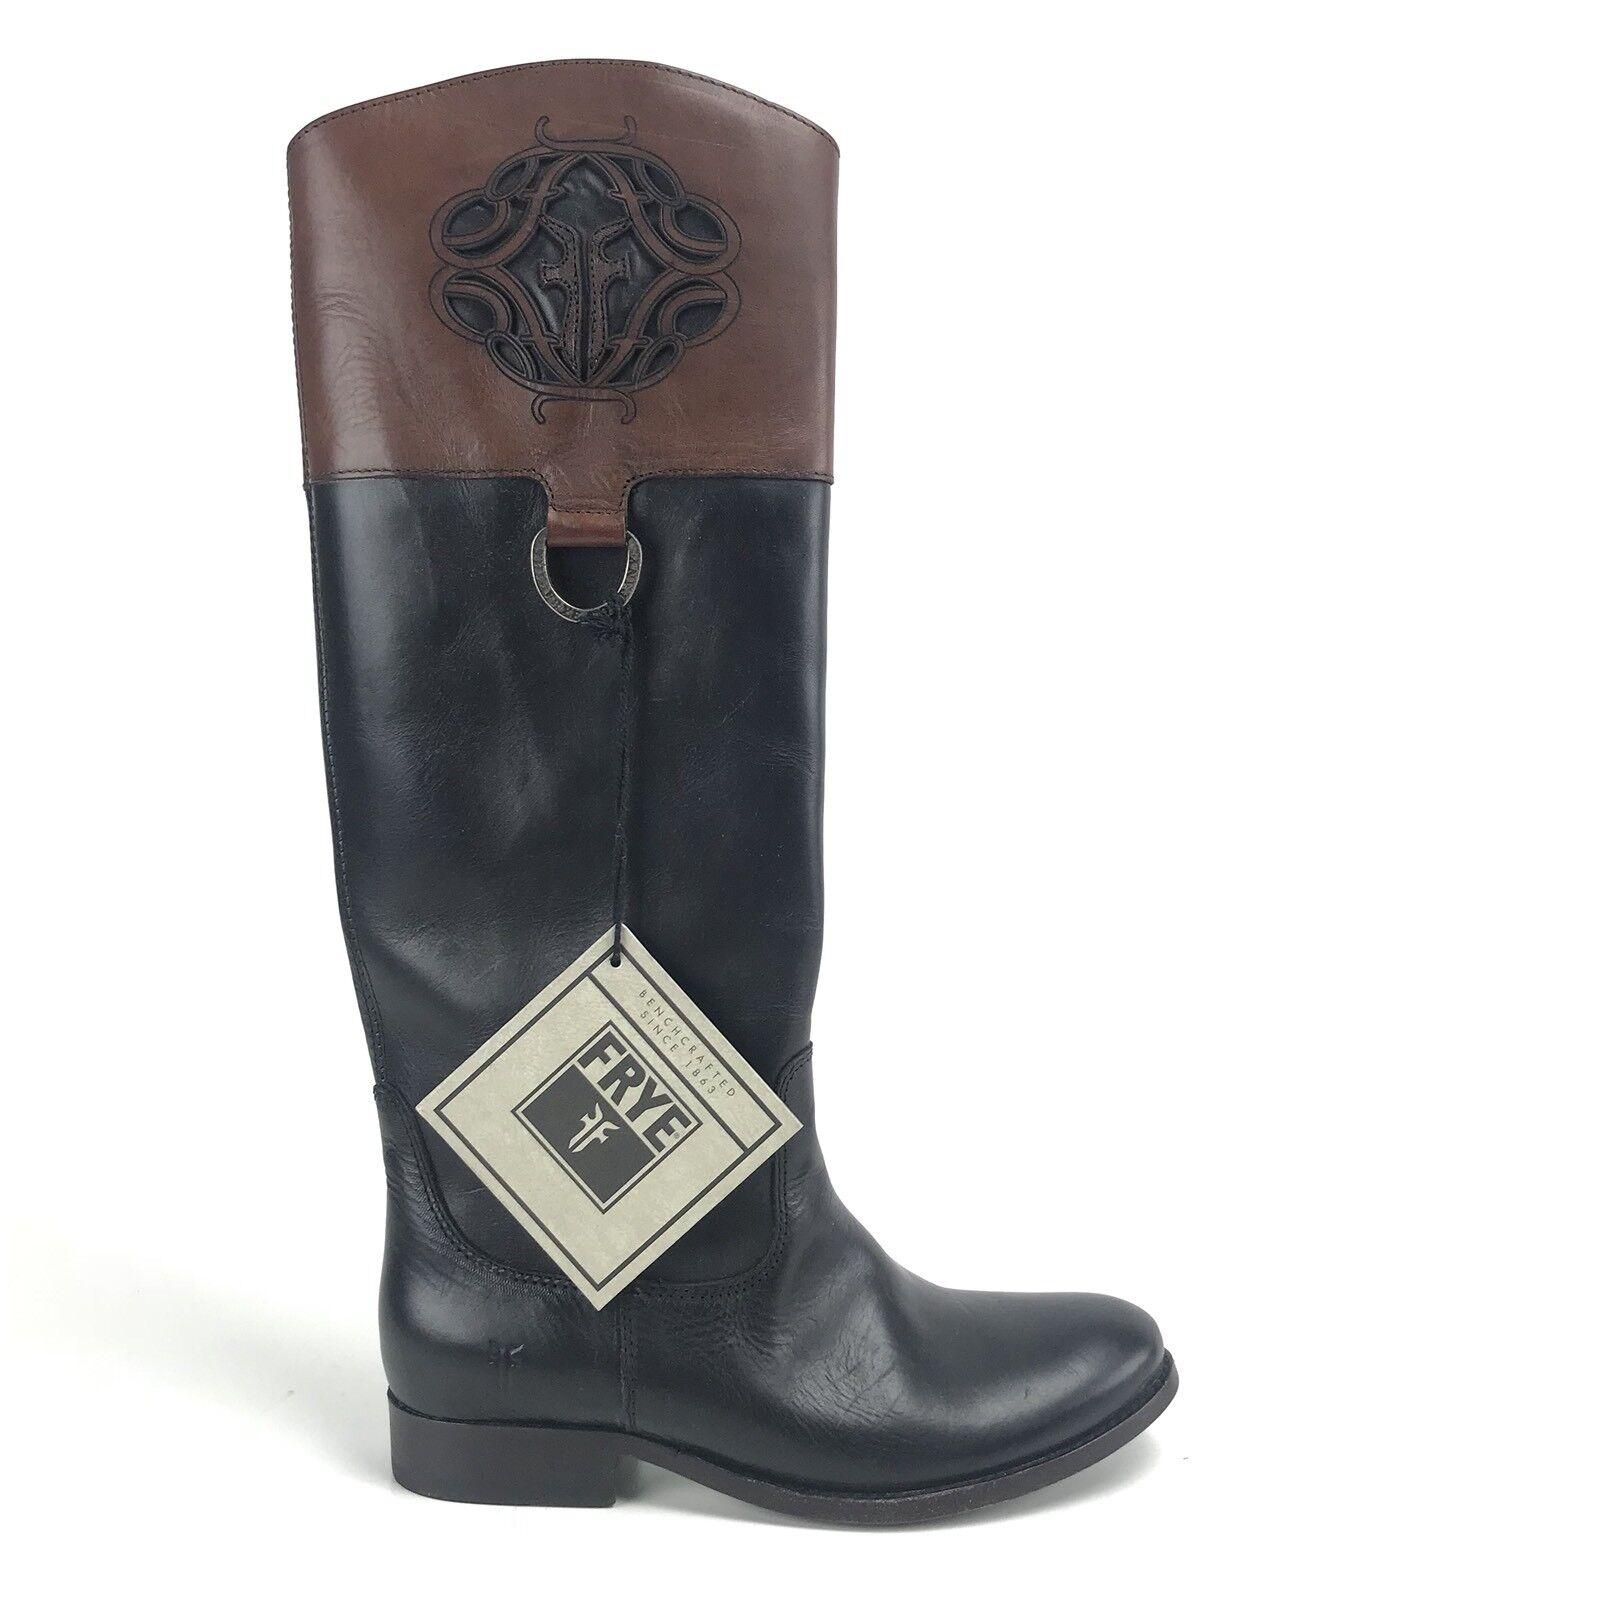 per poco costoso Frye donna stivali stivali stivali 6.5 Melissa Logo nero Marrone Antiqued Polished Leather Rare  presa di fabbrica